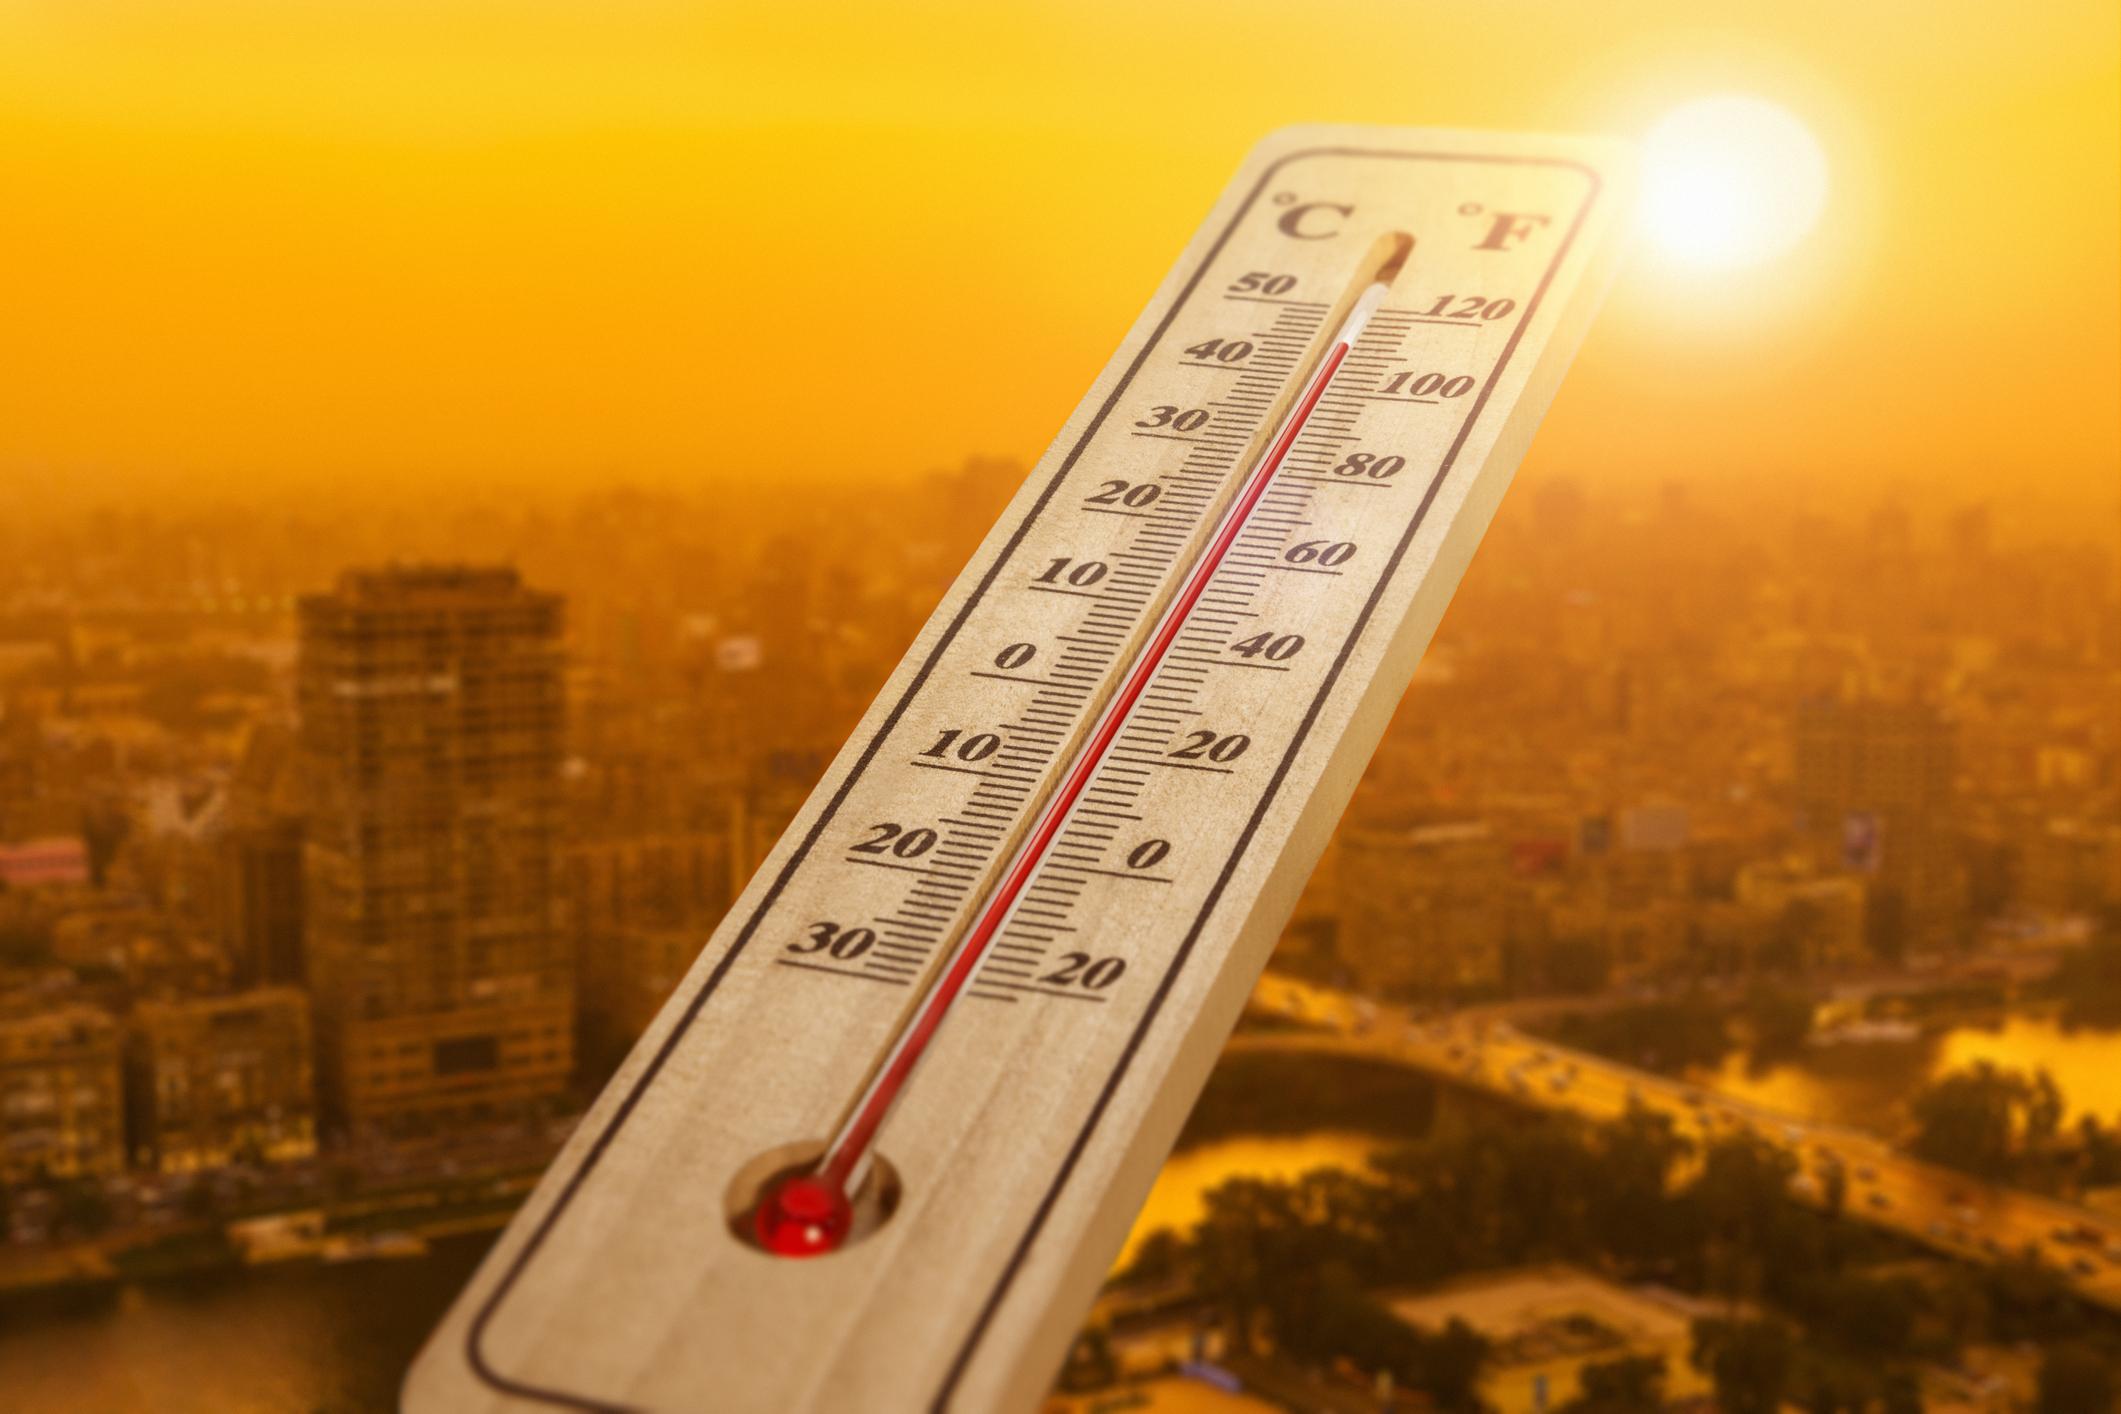 Caldo eccezionale tra Libia e Grecia, abbattuti i record di aprile: 44°C a Sirte!